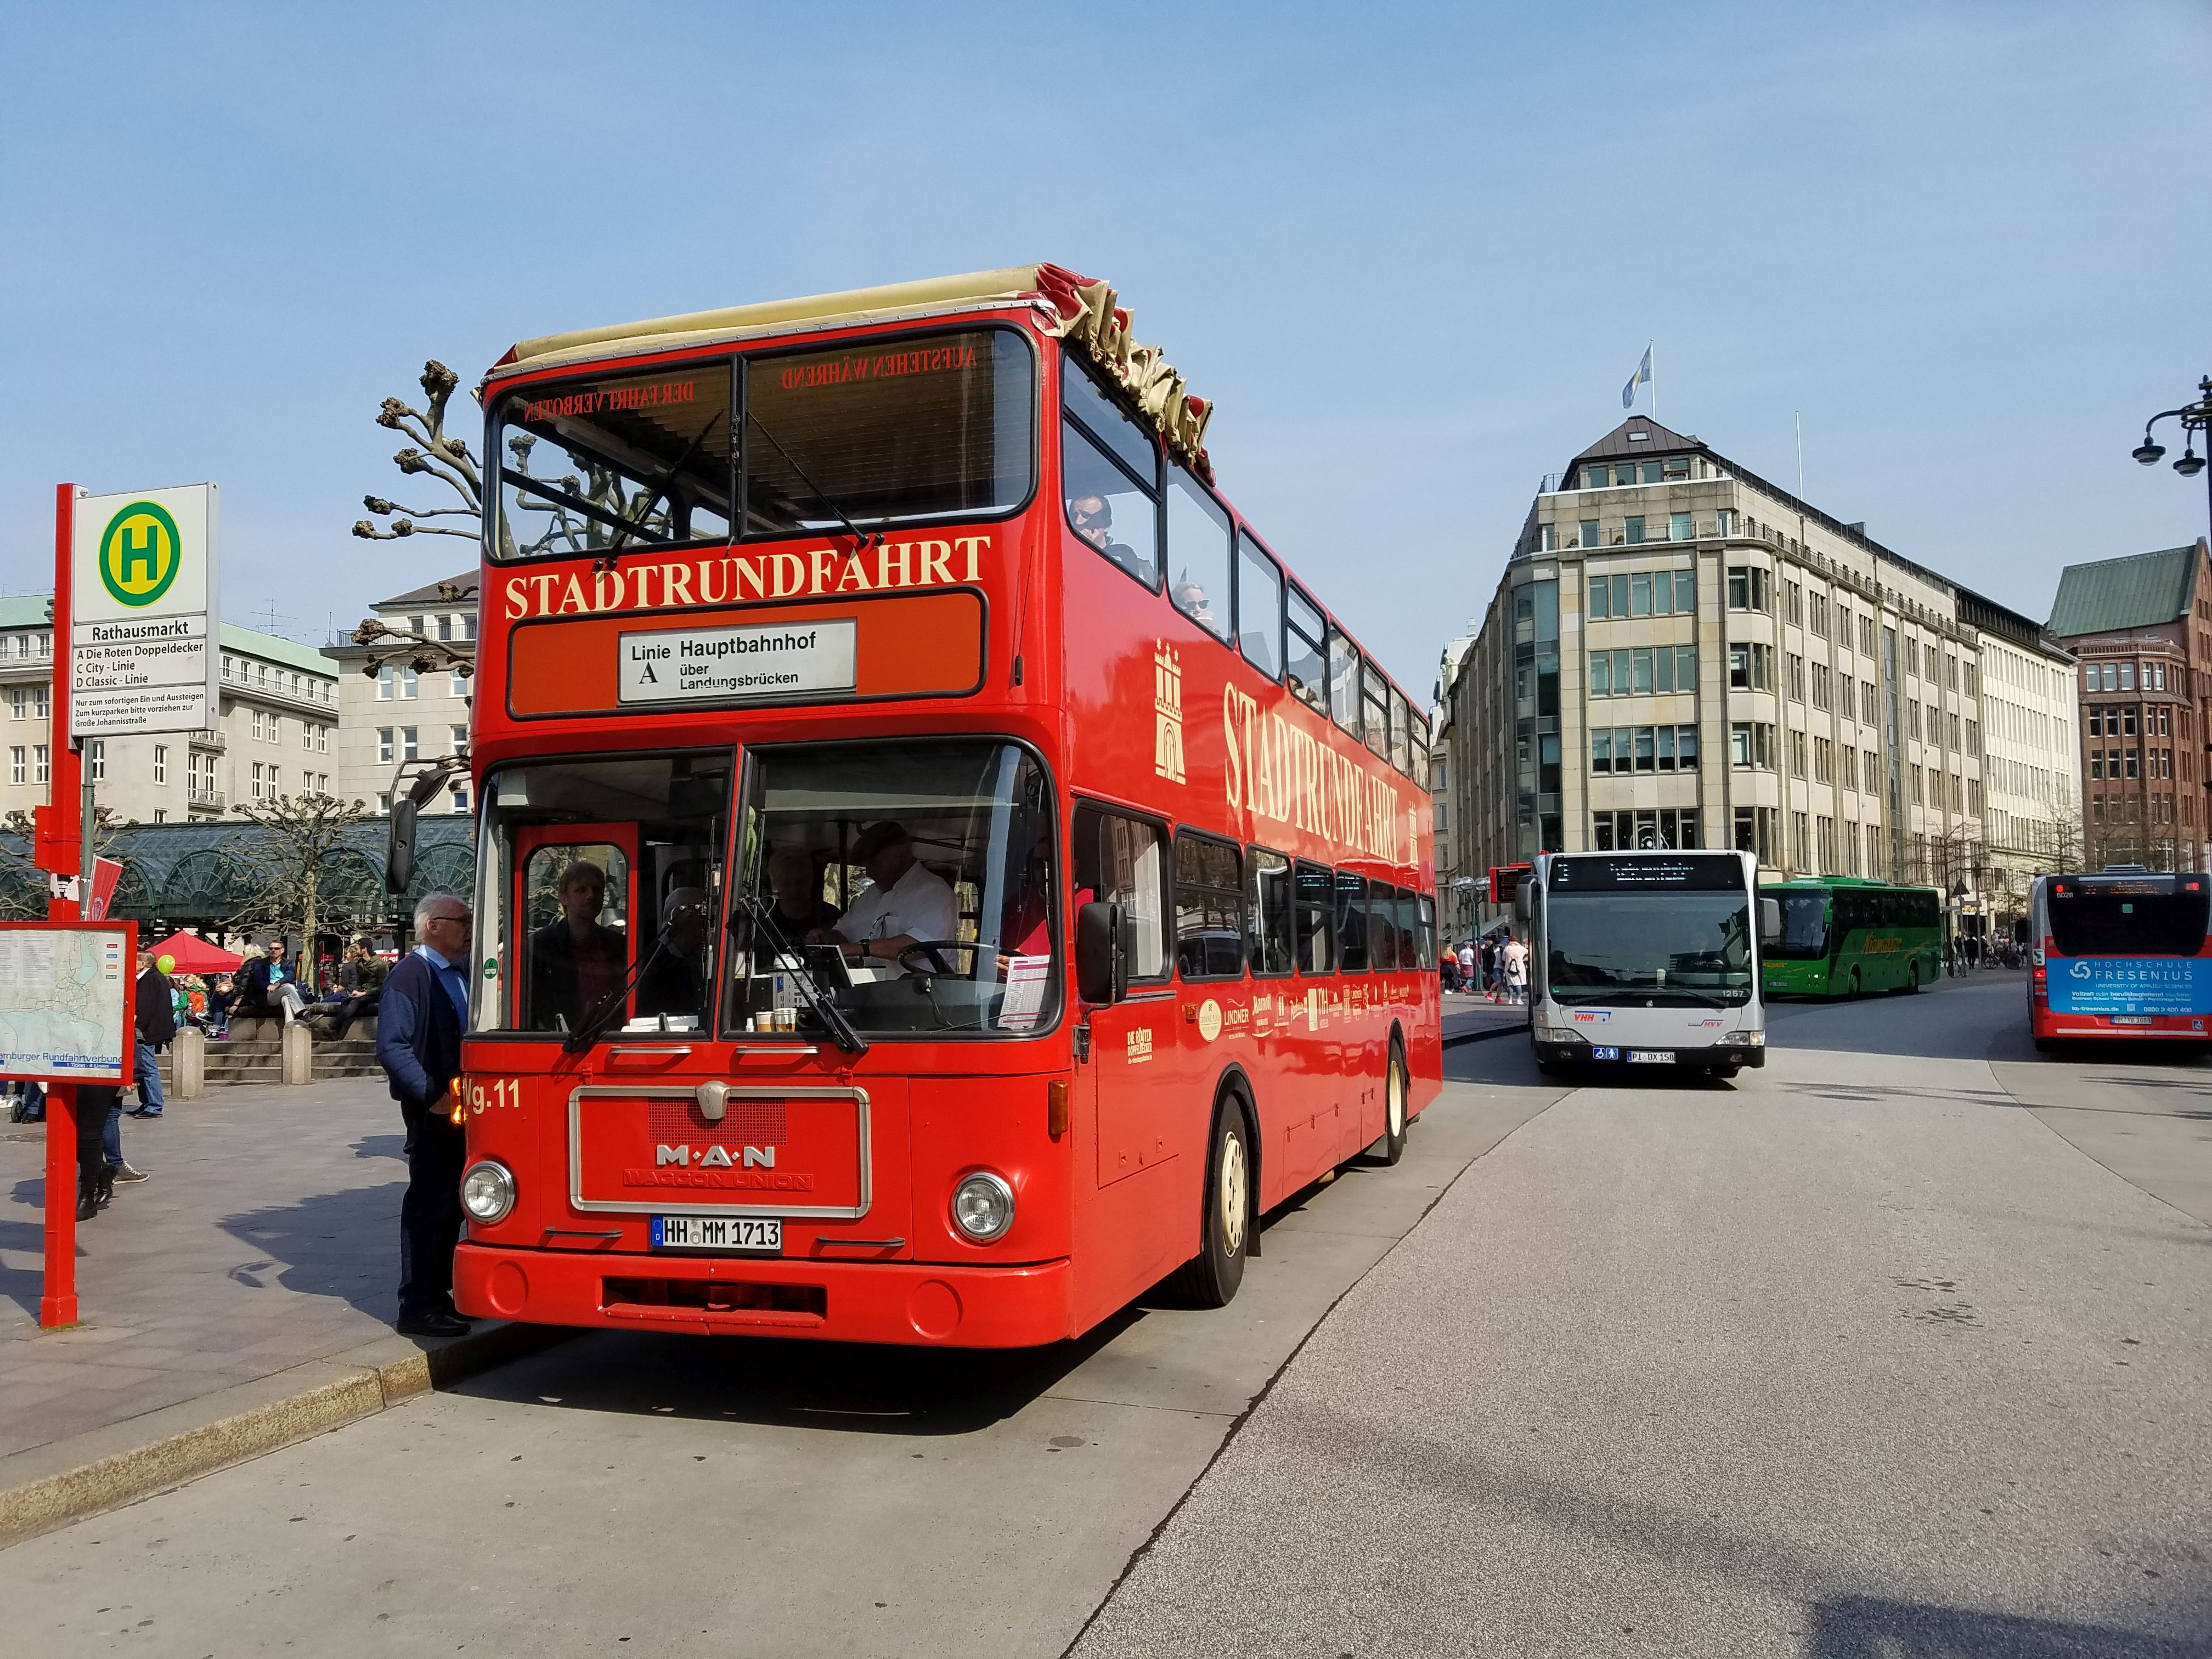 Foto: Bus 3431, Typ SD85, Stadtrundfahrtbus HH MM 1713, Hamburg, März 2017